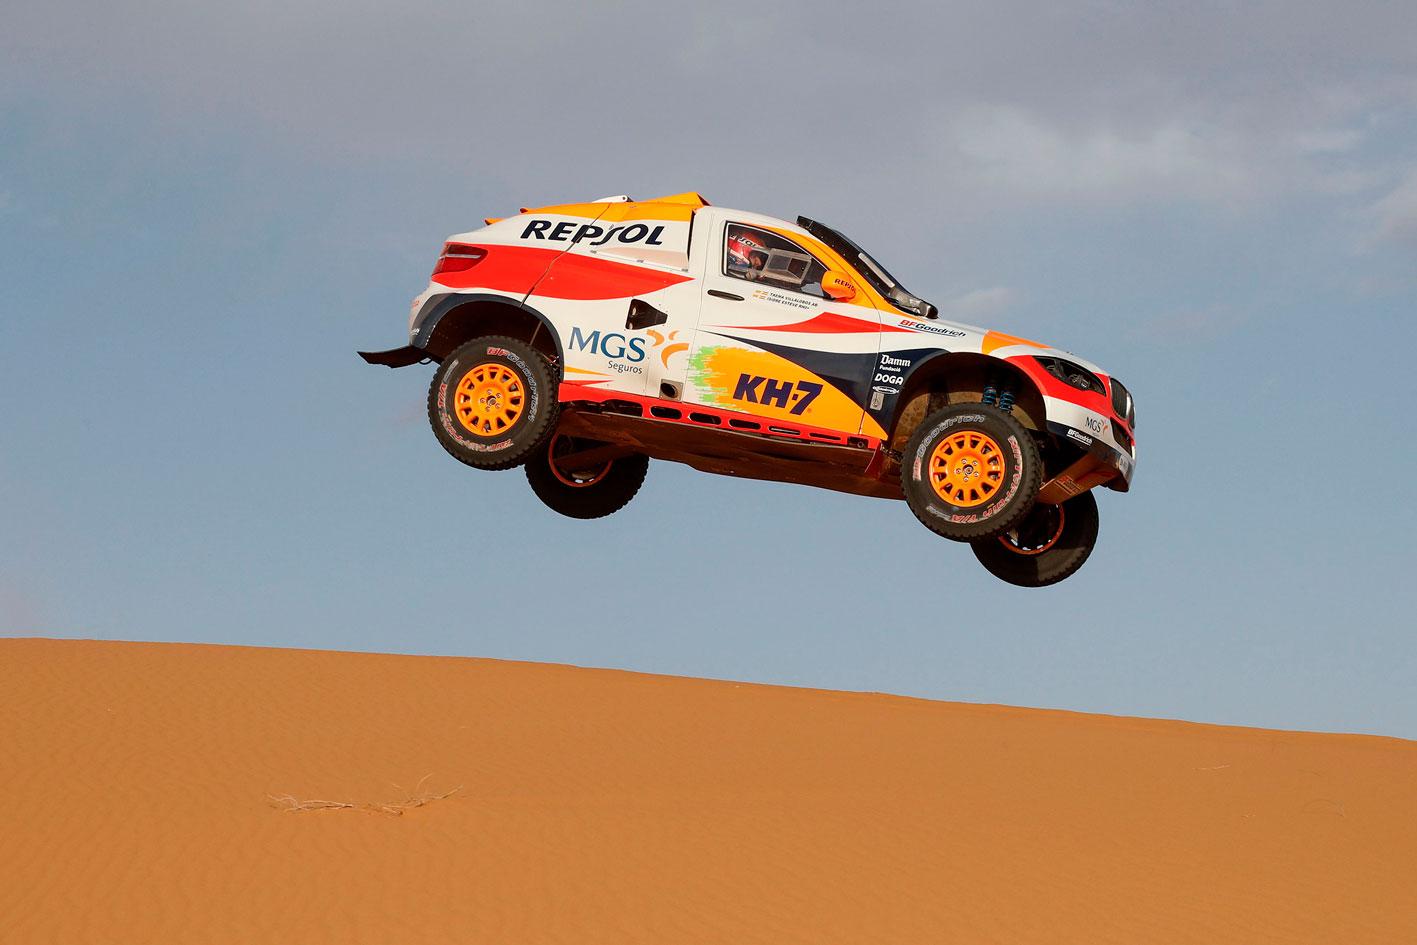 Coche de Rally saltando con colores Repsol, manejado por Isidre Esteve